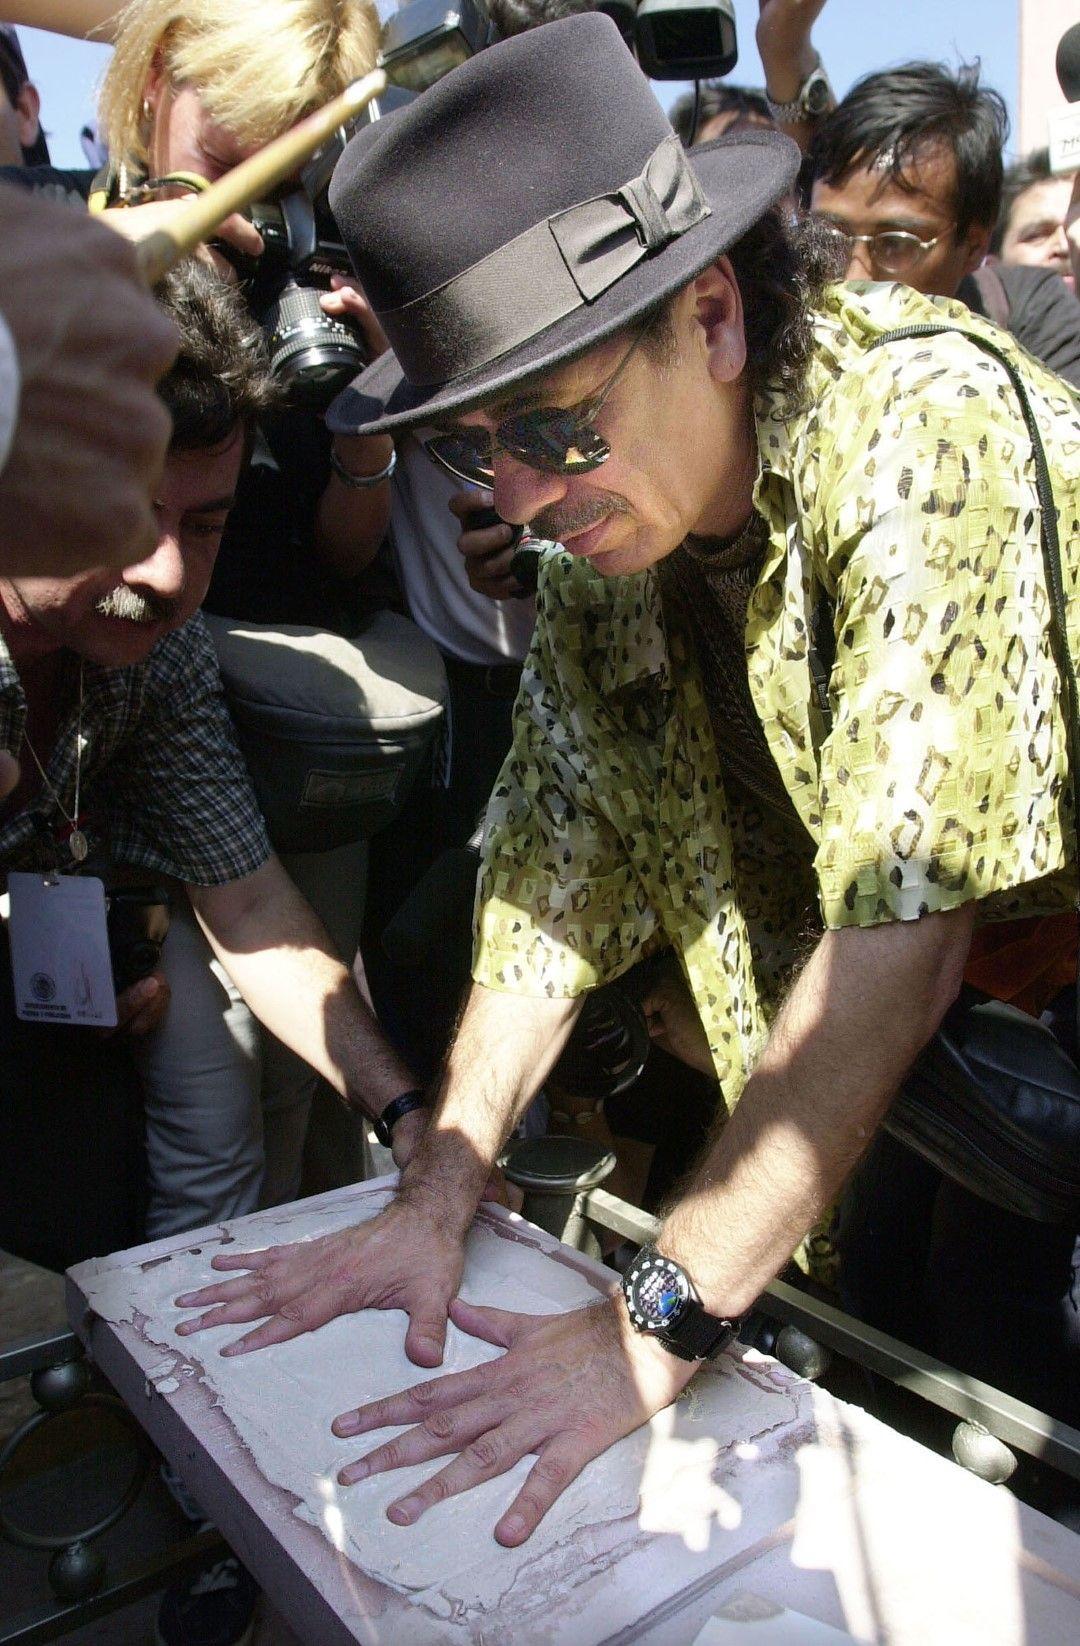 Отливка на ръцете на Карлос Сантана в Аутлан де Наваро, Мексико, 2003 г.